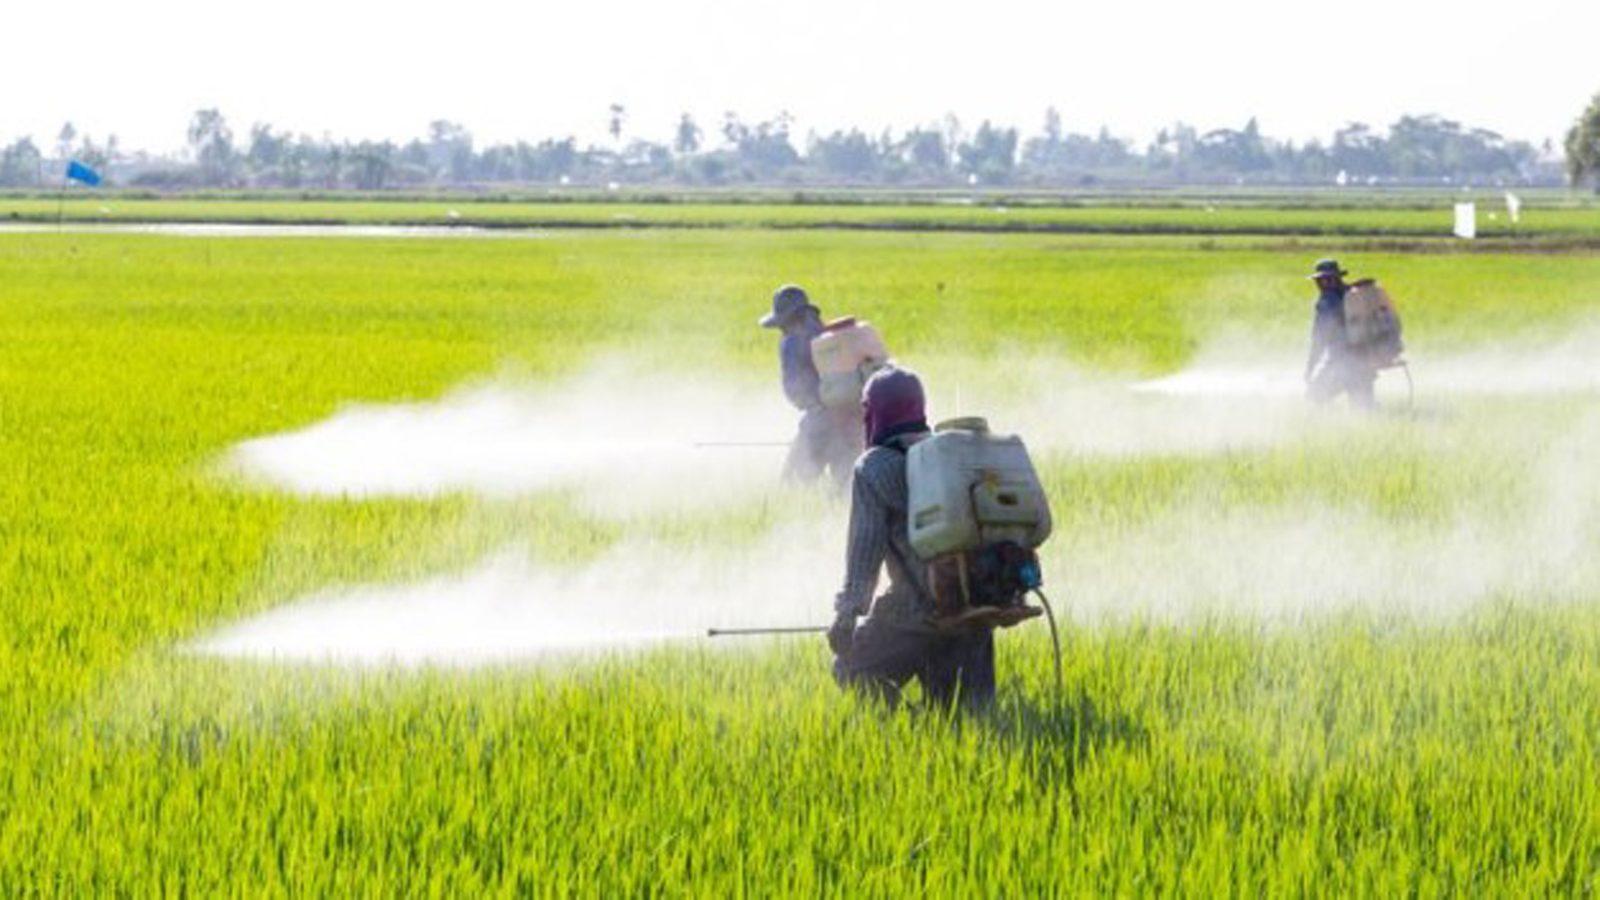 """""""มนัญญา"""" ดีเดย์แบนสารเคมี ย้ำเกษตรต้องส่งคืนร้านที่ซื้อมาใน 90 วัน ฝ่าฝืนจำคุกไม่เกิน 10 ปี ปรับไม่เกินล้านบาท"""